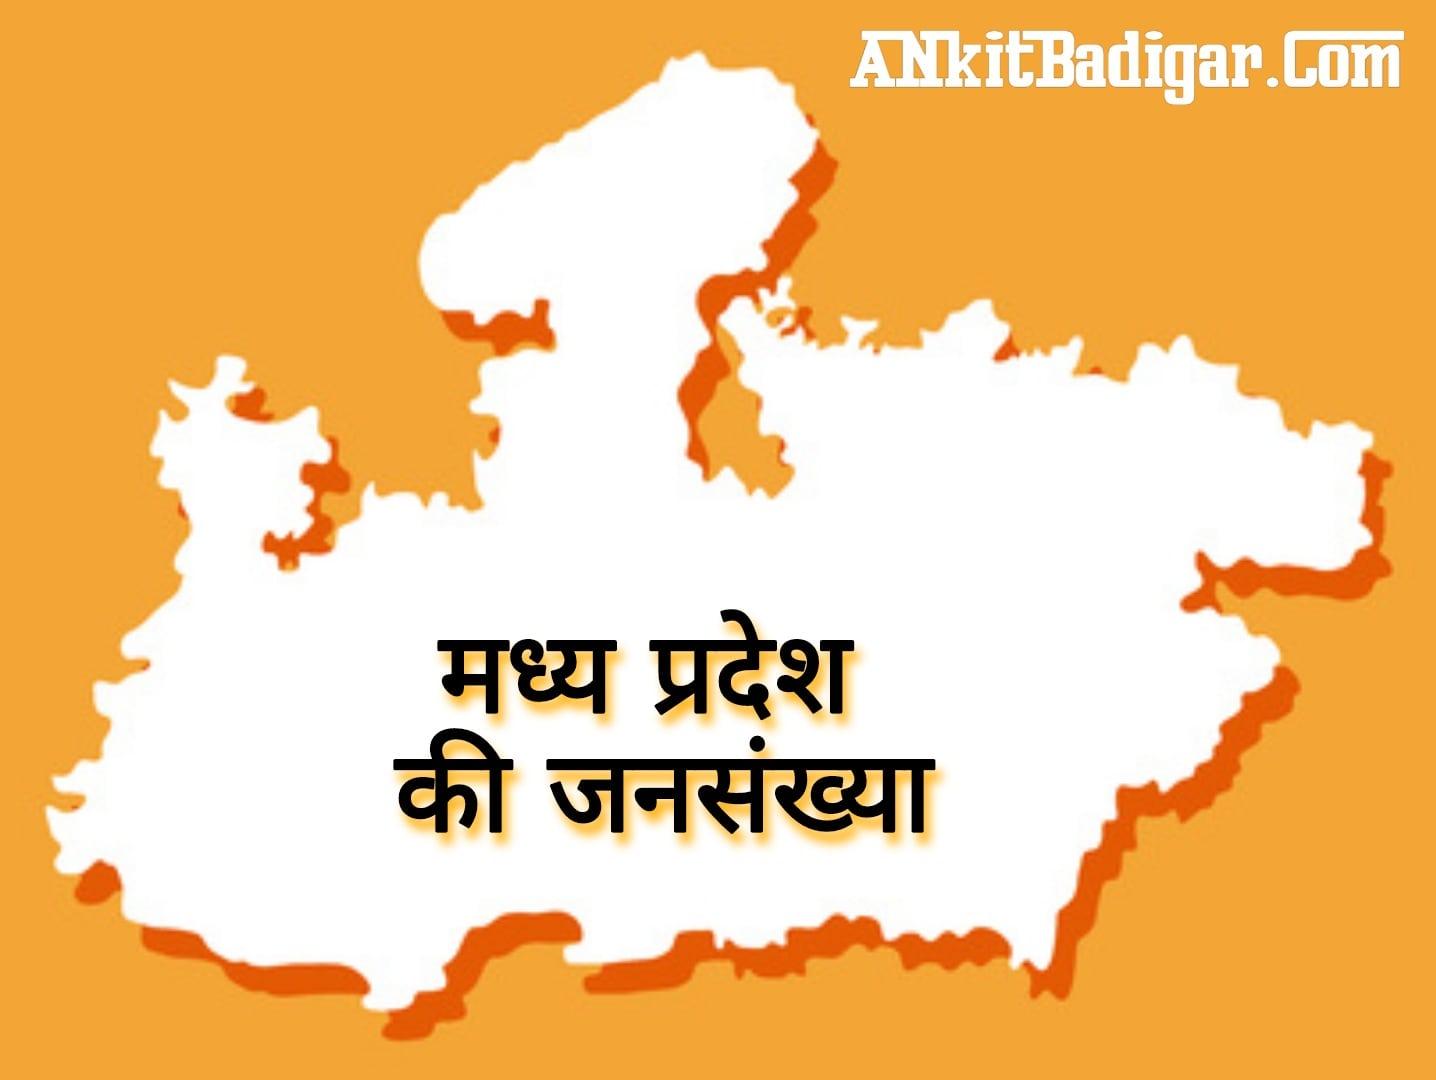 MP Madhya Pradesh Ki Jansankhya kitni hai